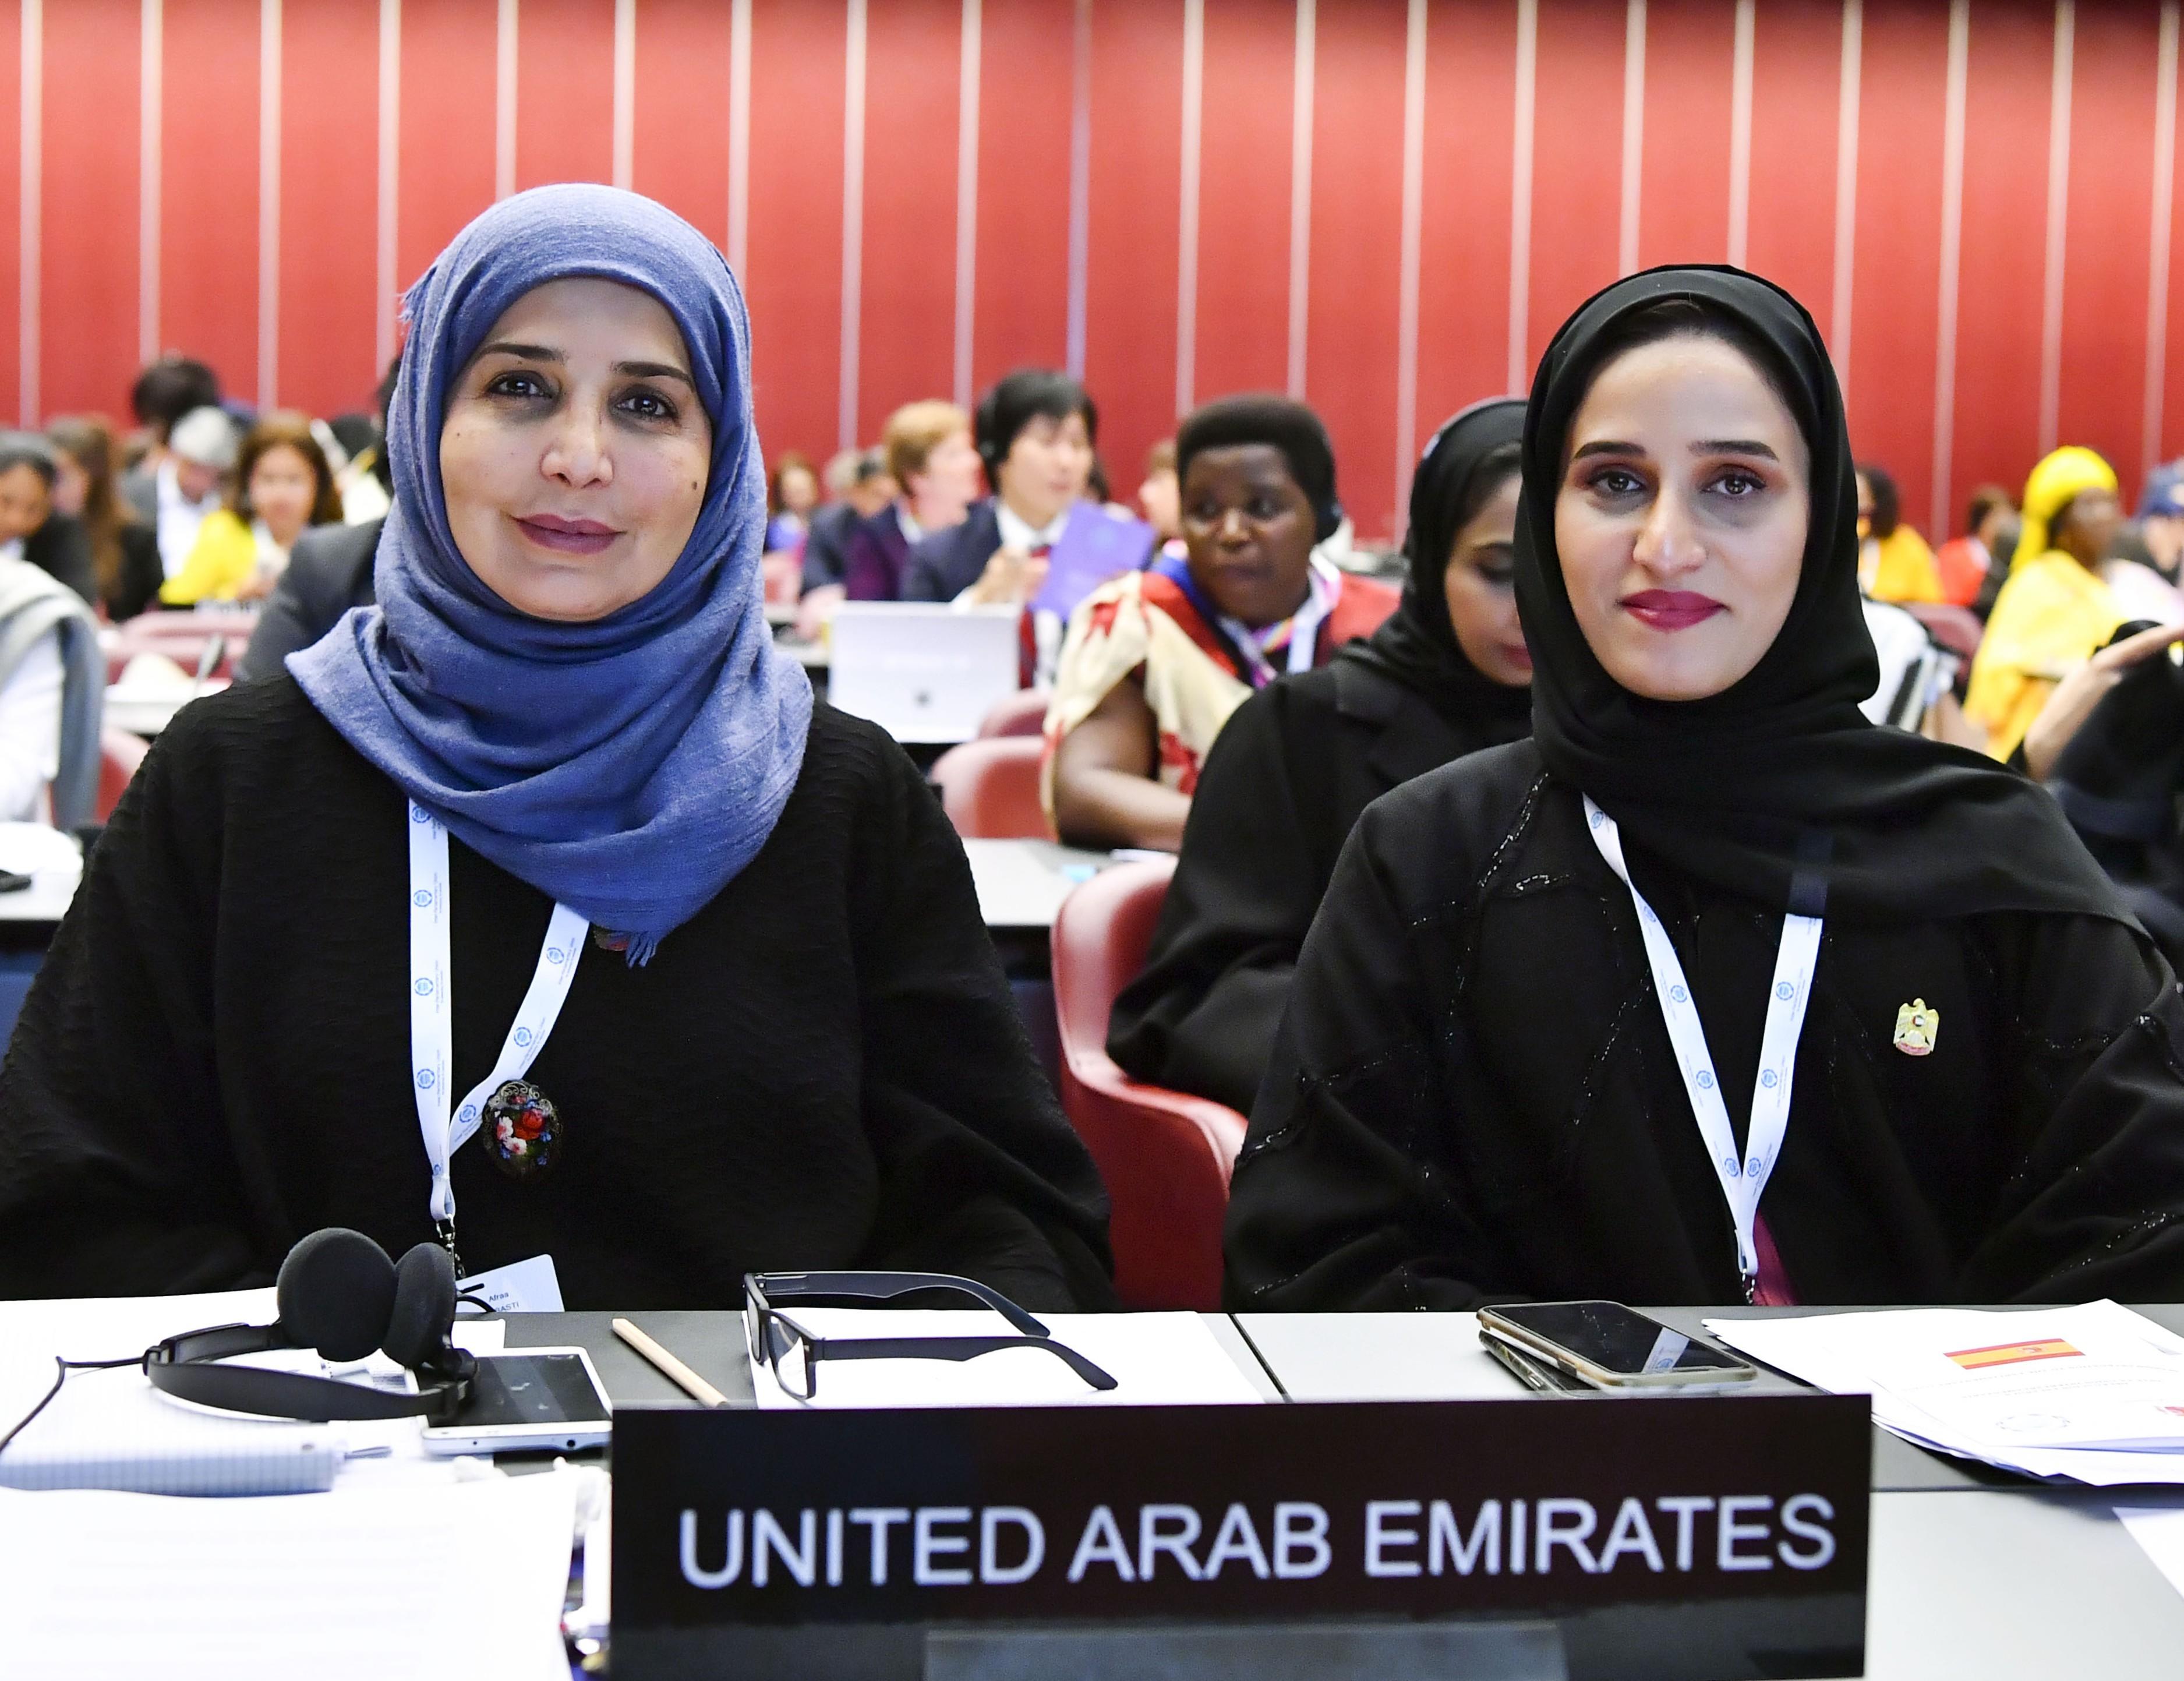 نائبات في البرلمان الإماراتي خلال مشاركتهنّفي منتدى النساء البرلمانيات ضمن اجتماعات الاتحاد البرلماني الدولي في جنيف